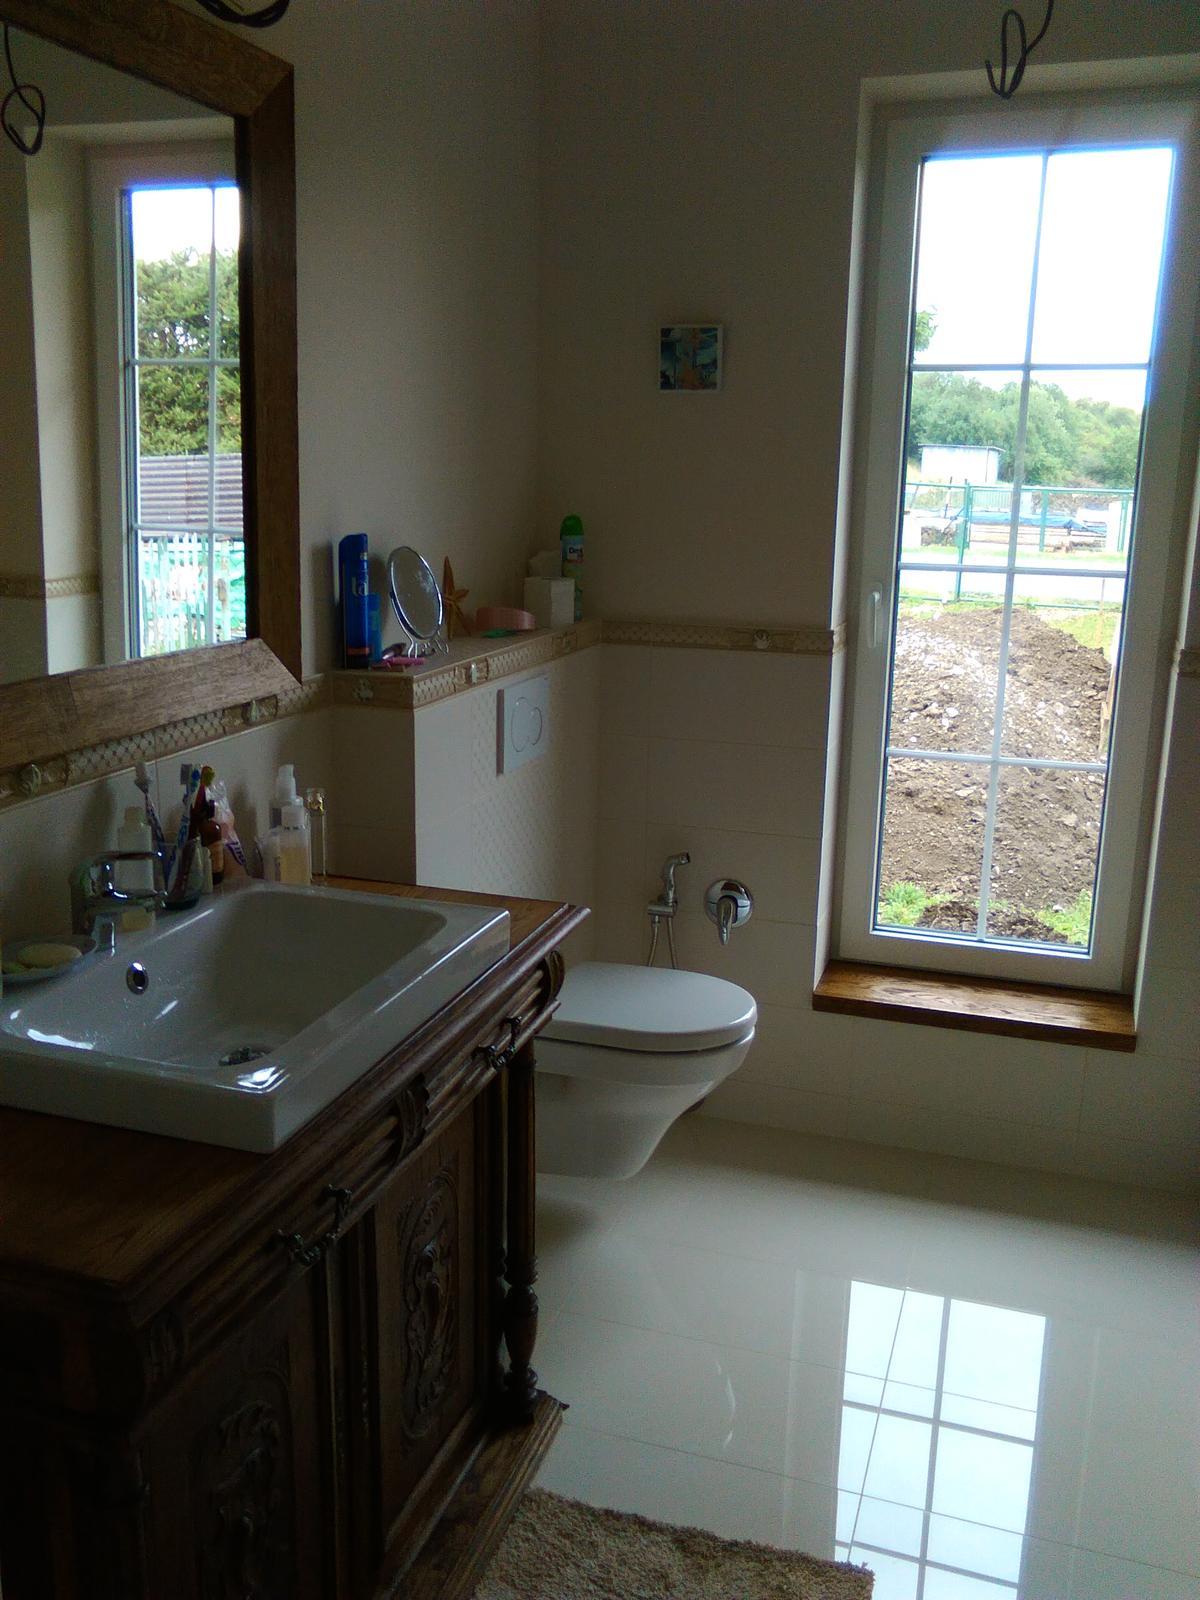 Náš nový domov-už bývame :-) - v kúpeľni už len svetlo a bodovky chýbajú